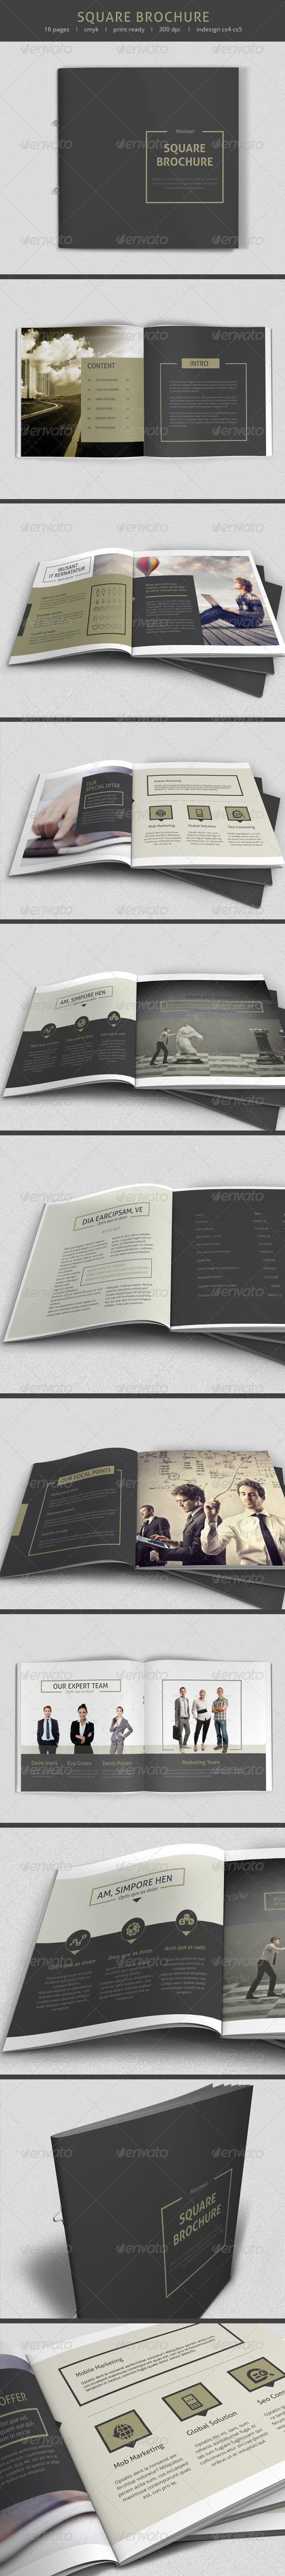 GraphicRiver Minimal Square Brochure 7514150